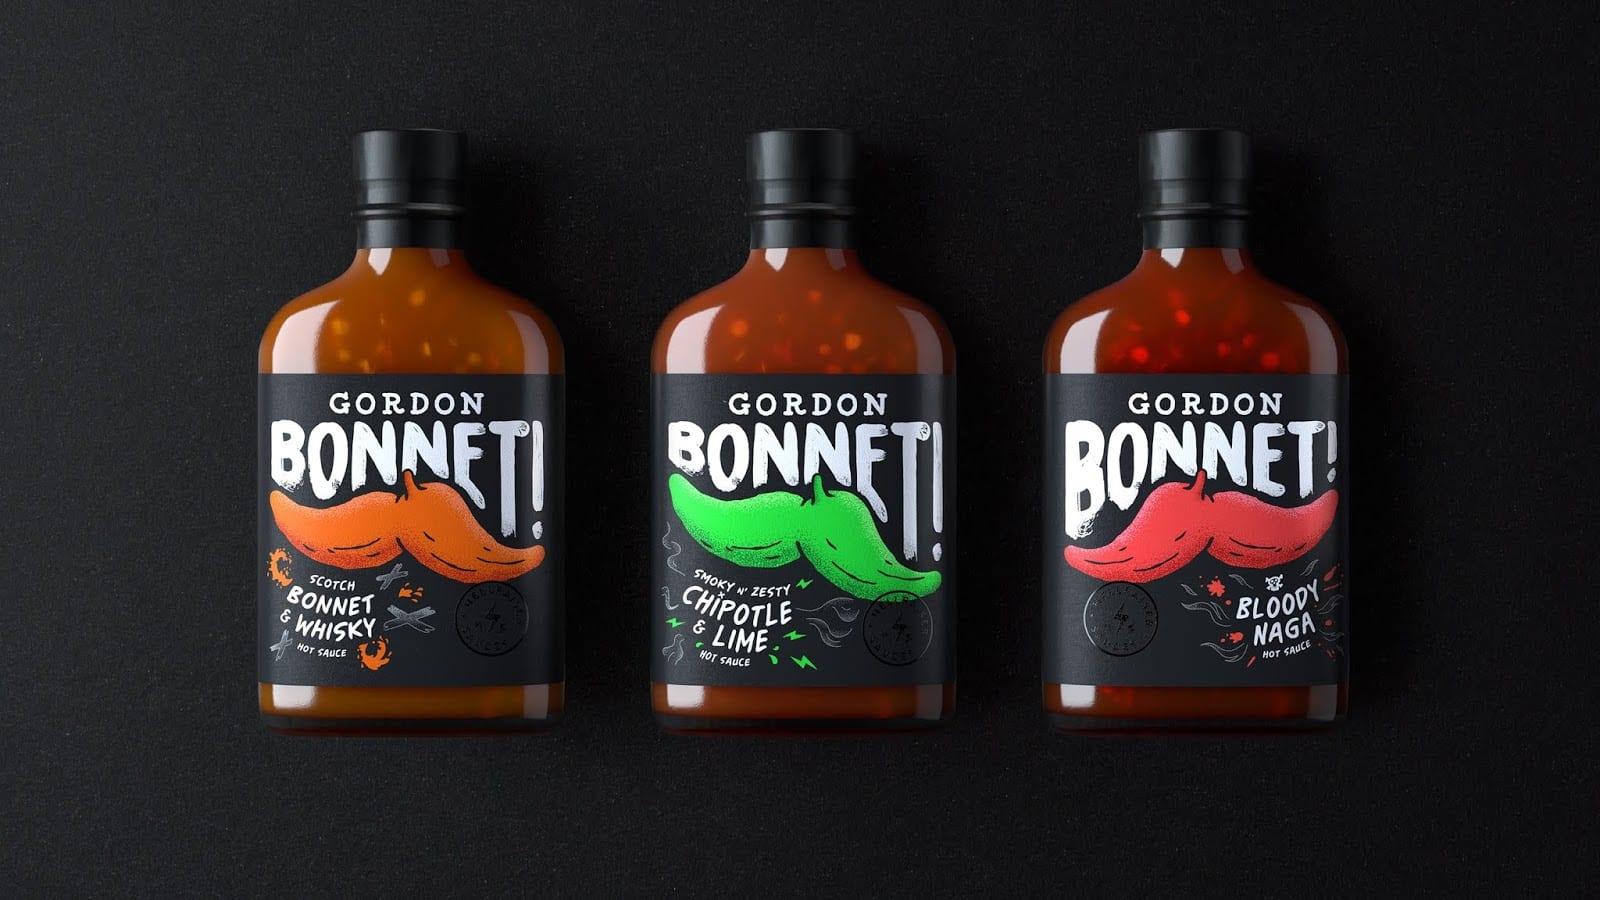 2 gordon bonnet lineup - Gordon Bonnet! – Originální omáčkový ďábel